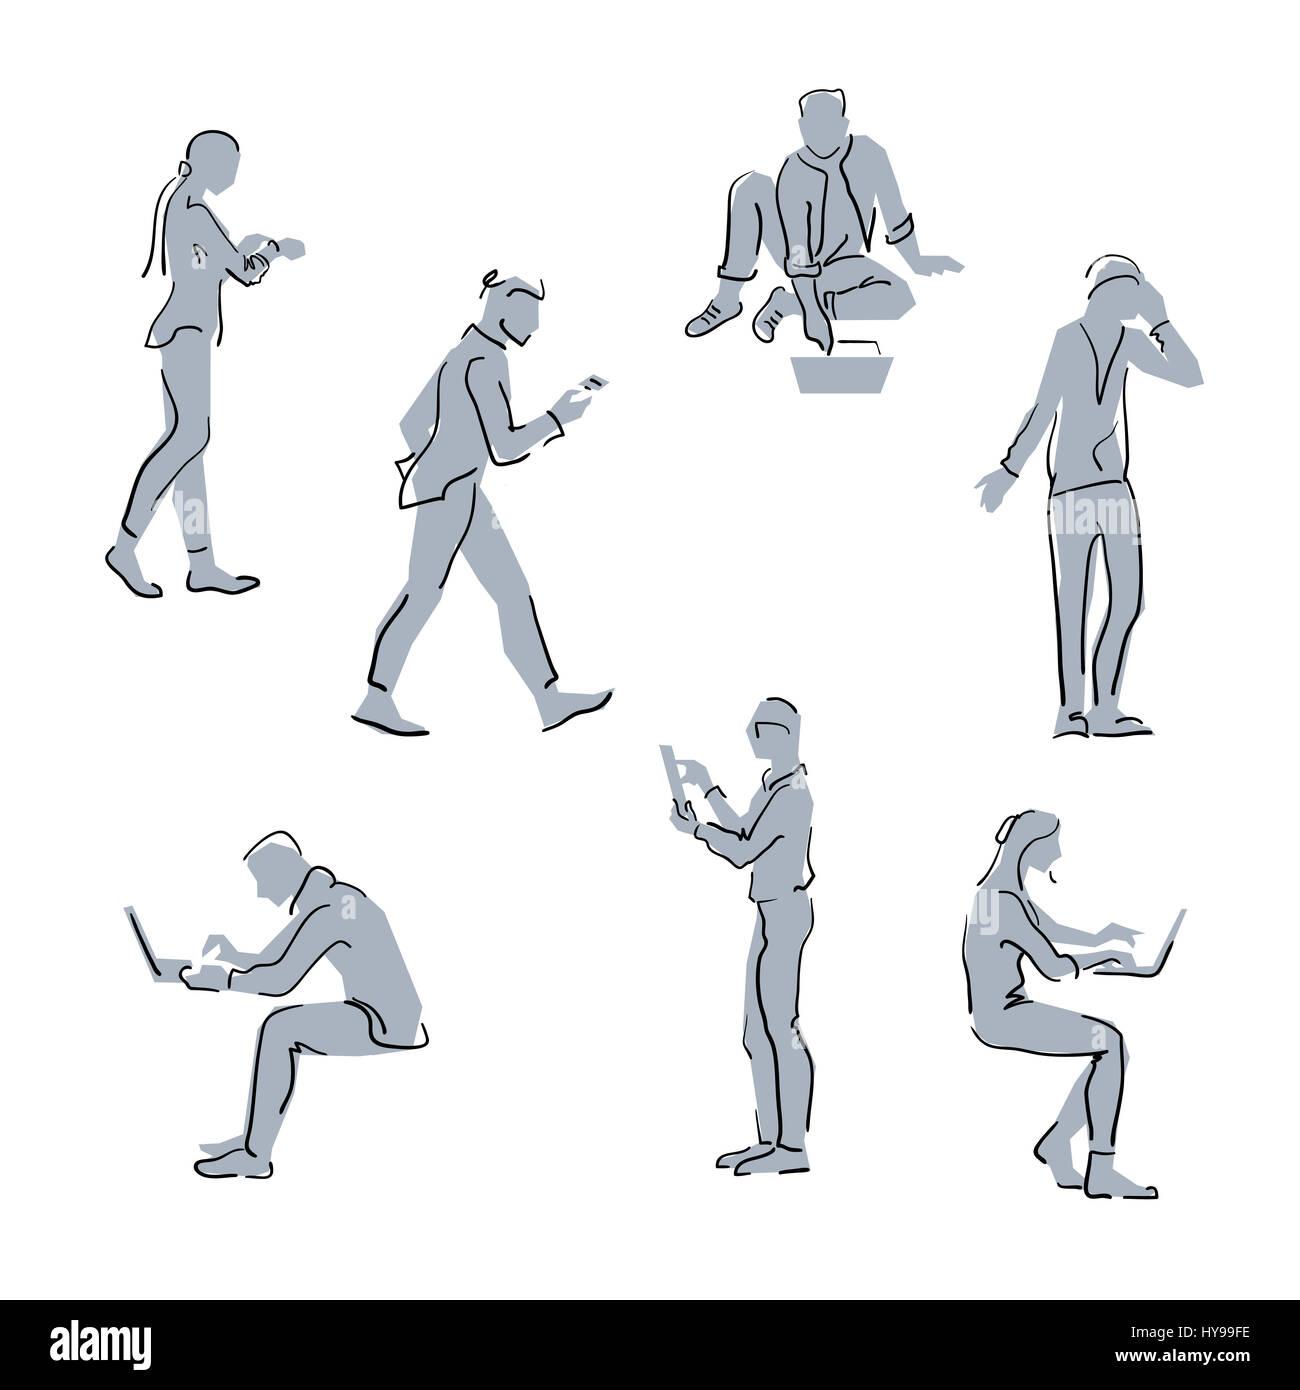 Menschen mit Gadgets. Einfache Skizze Linie Silhouetten. Menschen ...